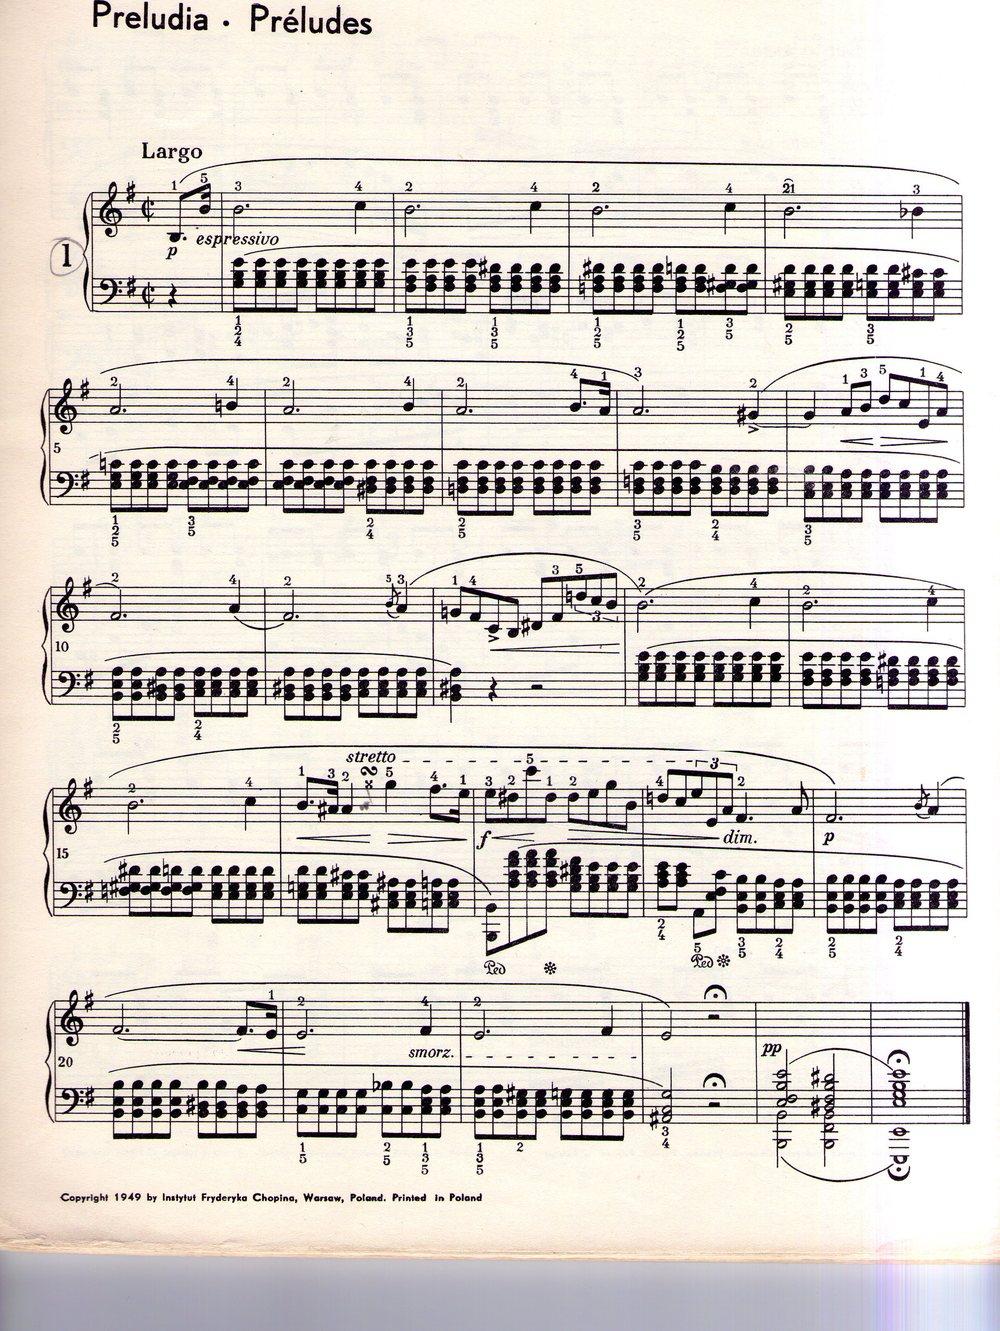 Pr lude en mi mineur f chopin piano tutoriel elpiano - Comment choisir piano ...